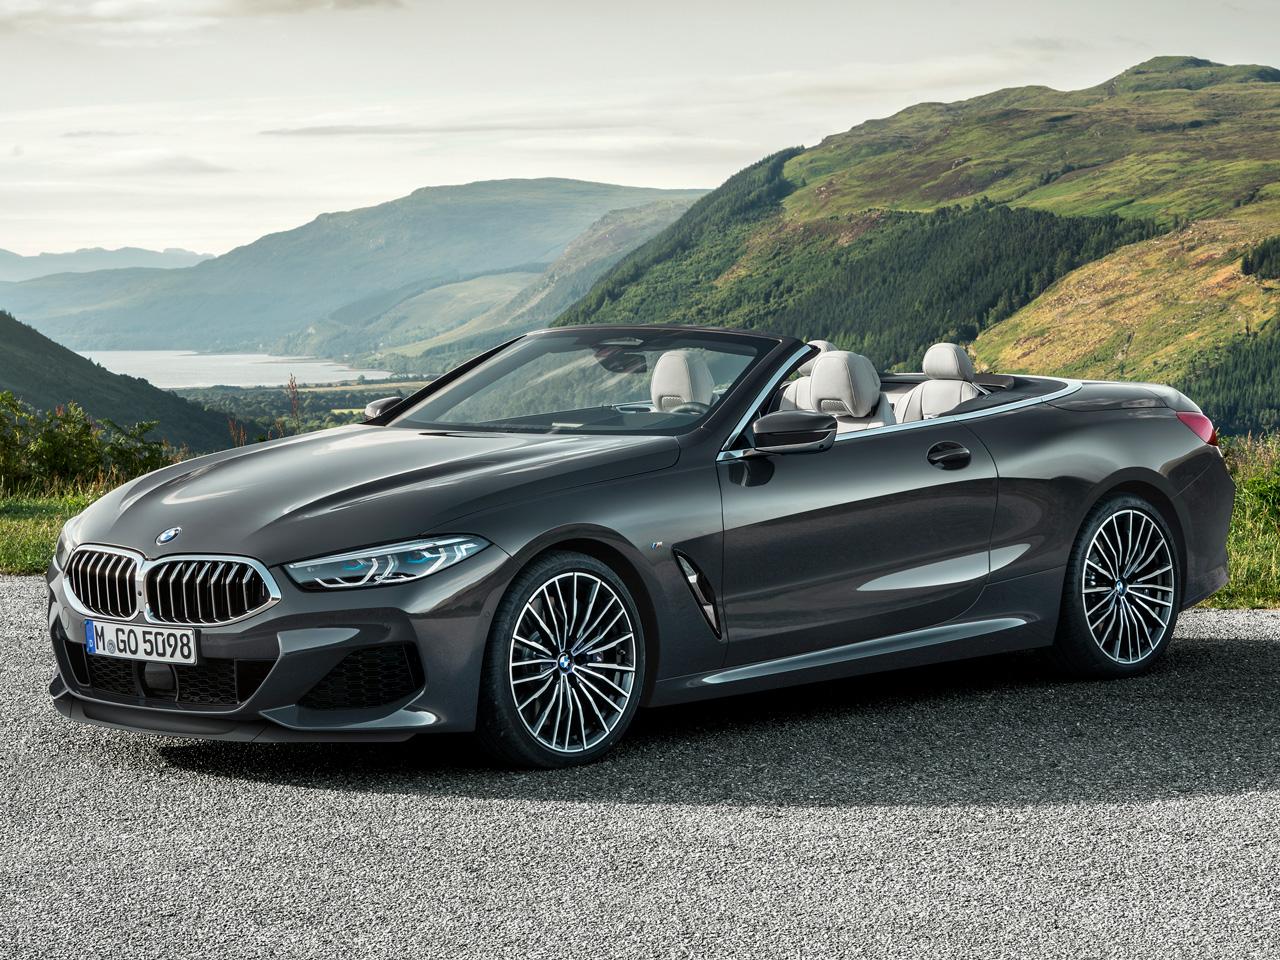 BMW 8シリーズ カブリオレ 2019年モデル 新車画像